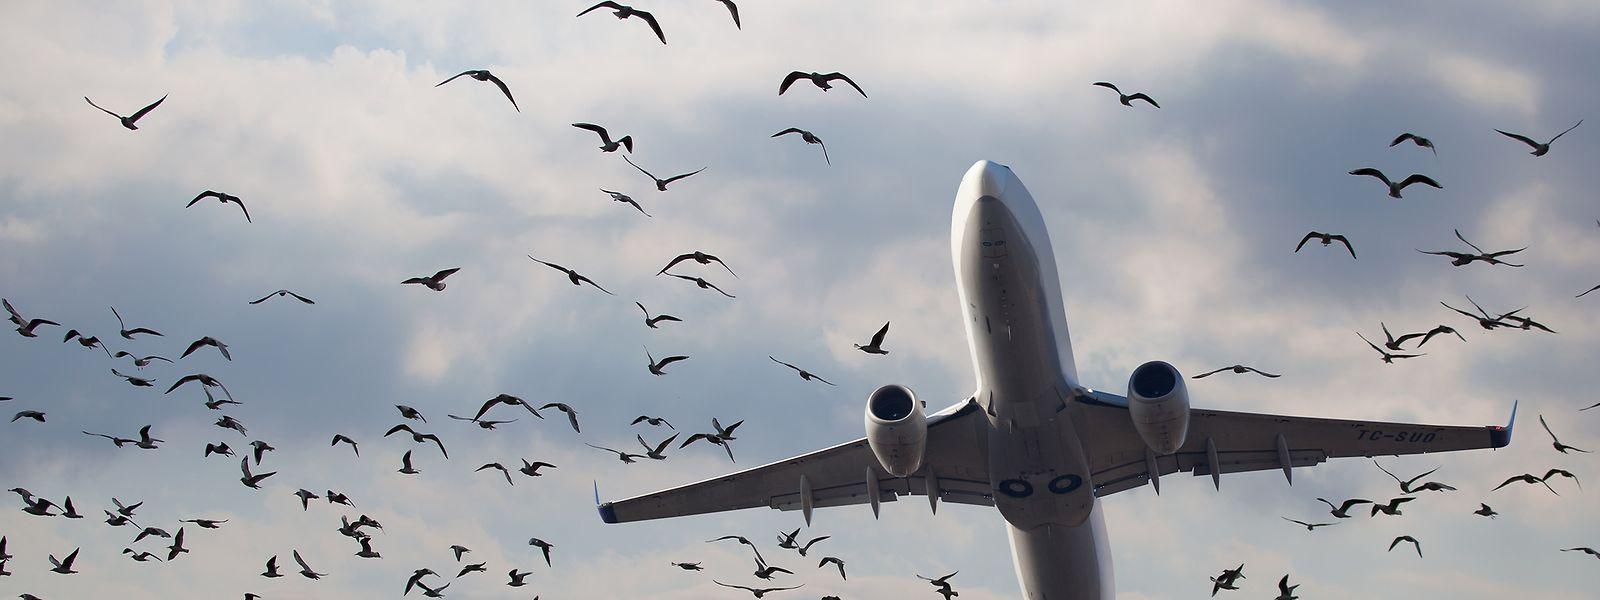 Die für den Lux-Airport gefährlichsten Vogelarten sind der Sperber, der Rabe, die Taube, der Mäusebussard und der Turmfalke.